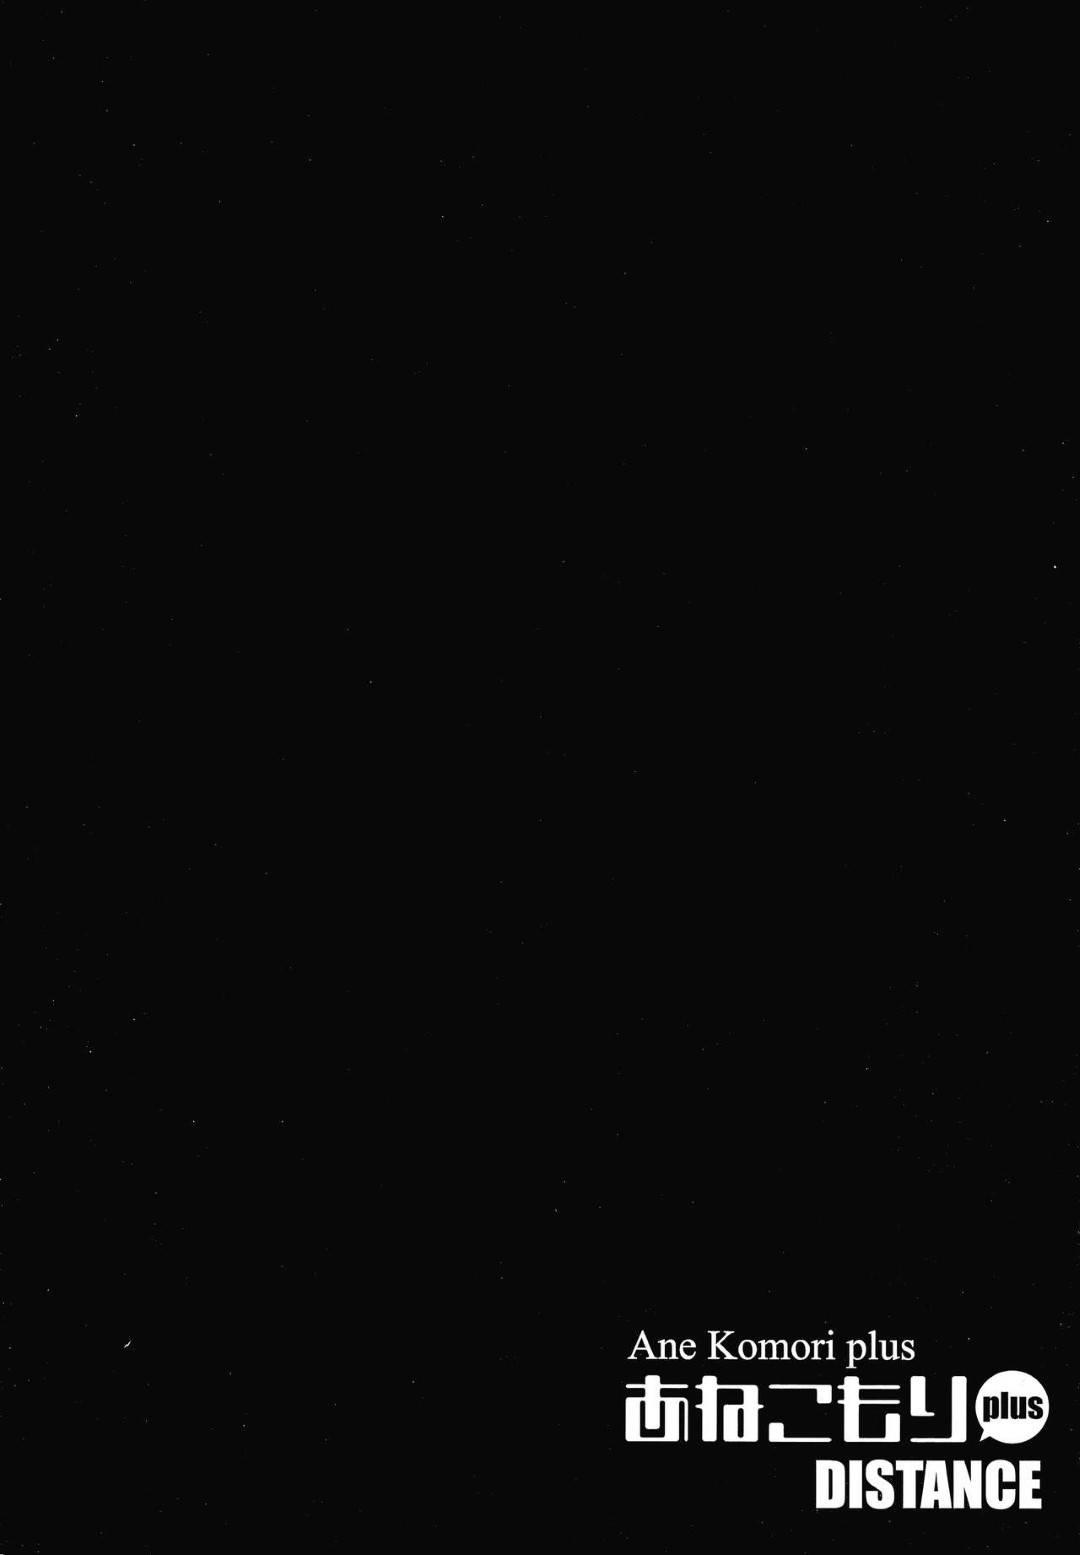 【エロ漫画】弟と男女の関係になったムチムチブラコン姉…彼女は弟と風呂に入ってはソーププレイと称して彼に対面座位でチンポを生挿入させる!【DISTANCE:あねこもり2 おふろでいちゃいちゃ】